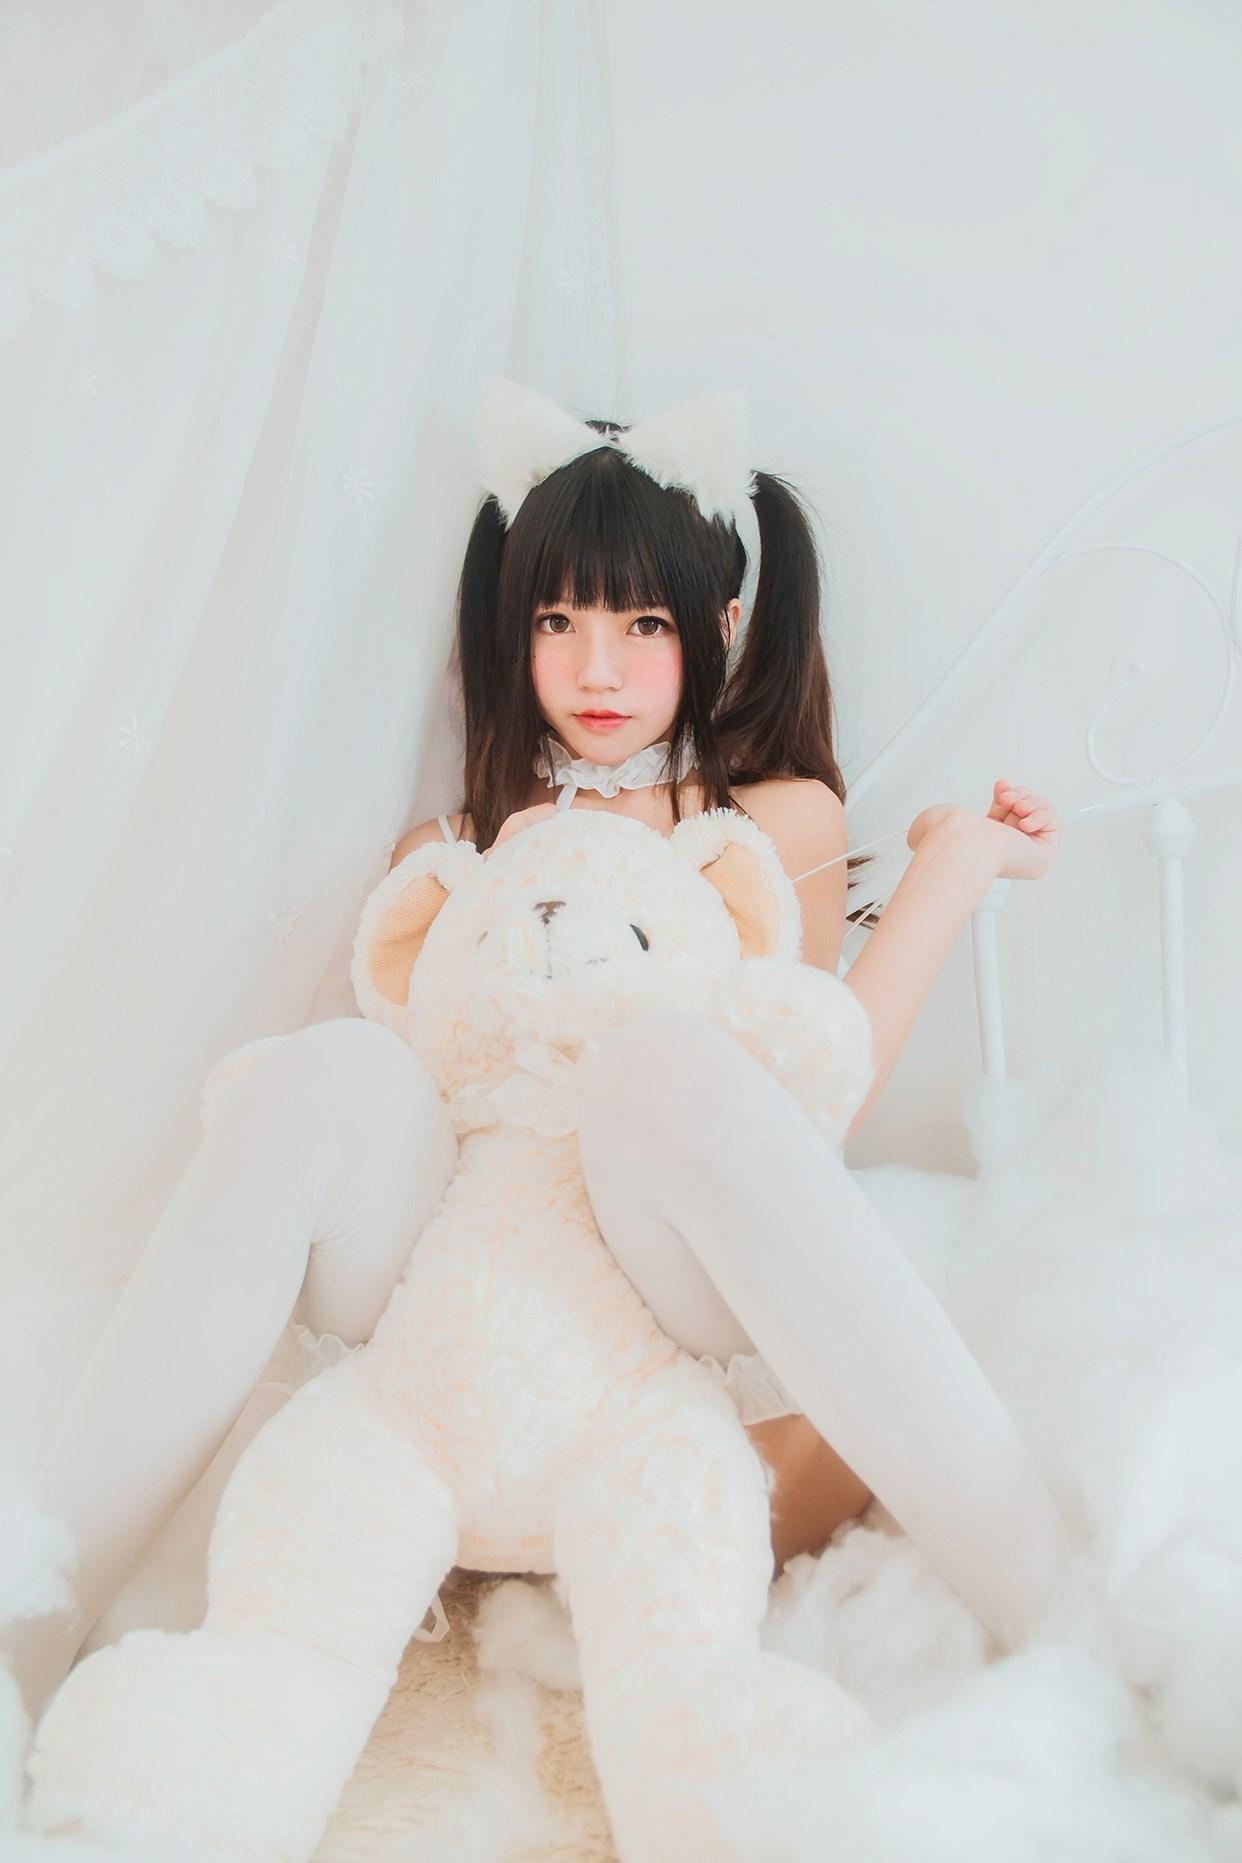 【兔玩映画】喵喵睡衣 兔玩映画 第10张